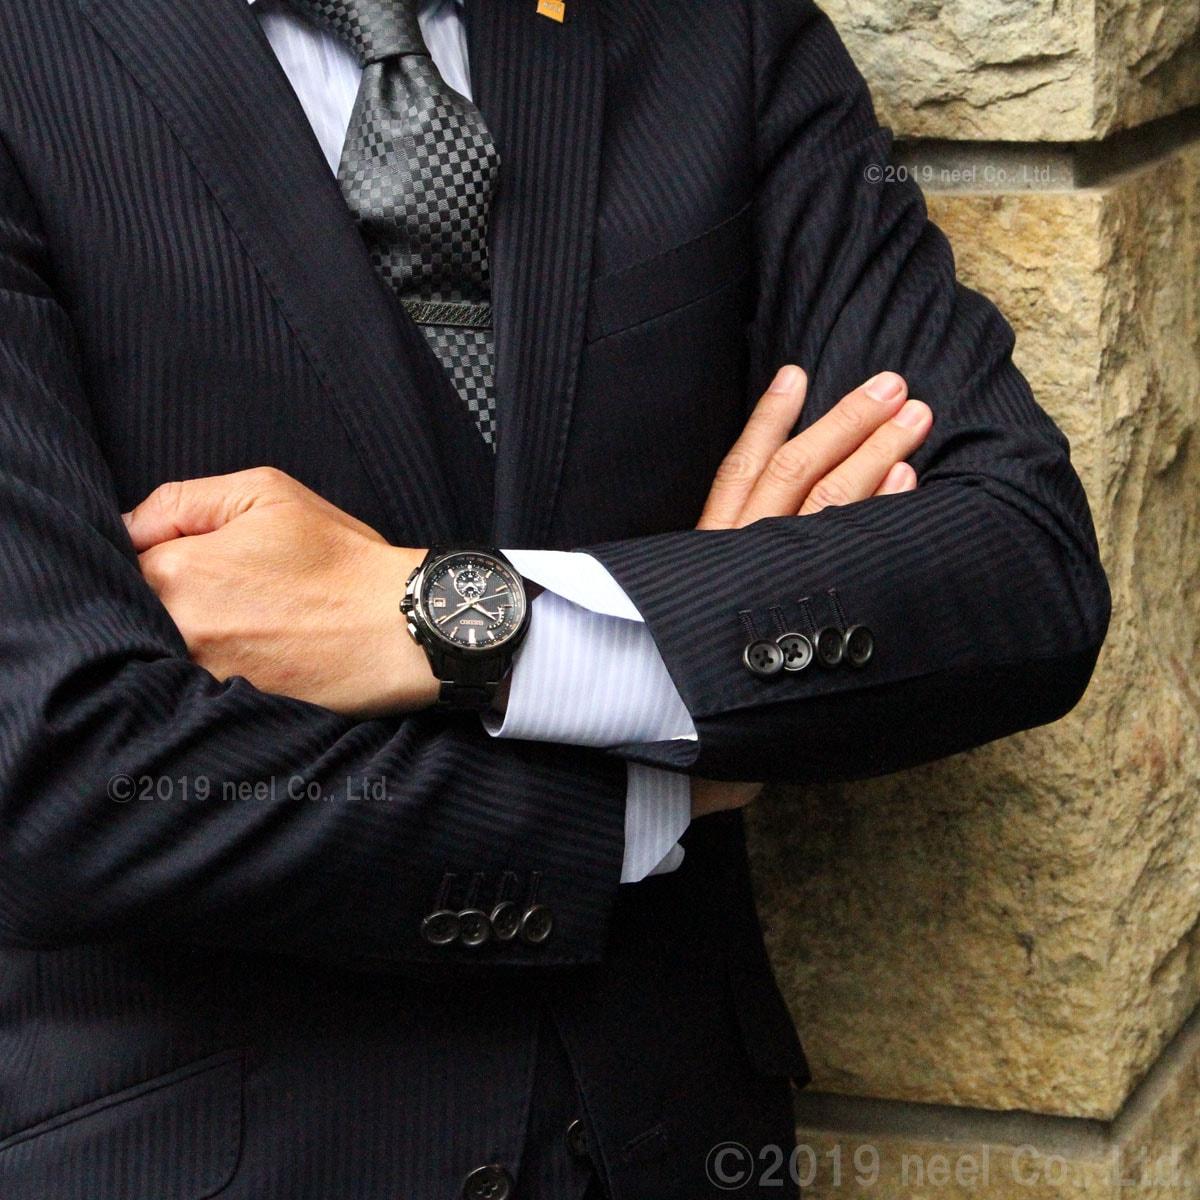 セイコー ブライツ ソーラー電波 SAGA293 ネット流通限定モデル 腕時計 メンズ SEIKO